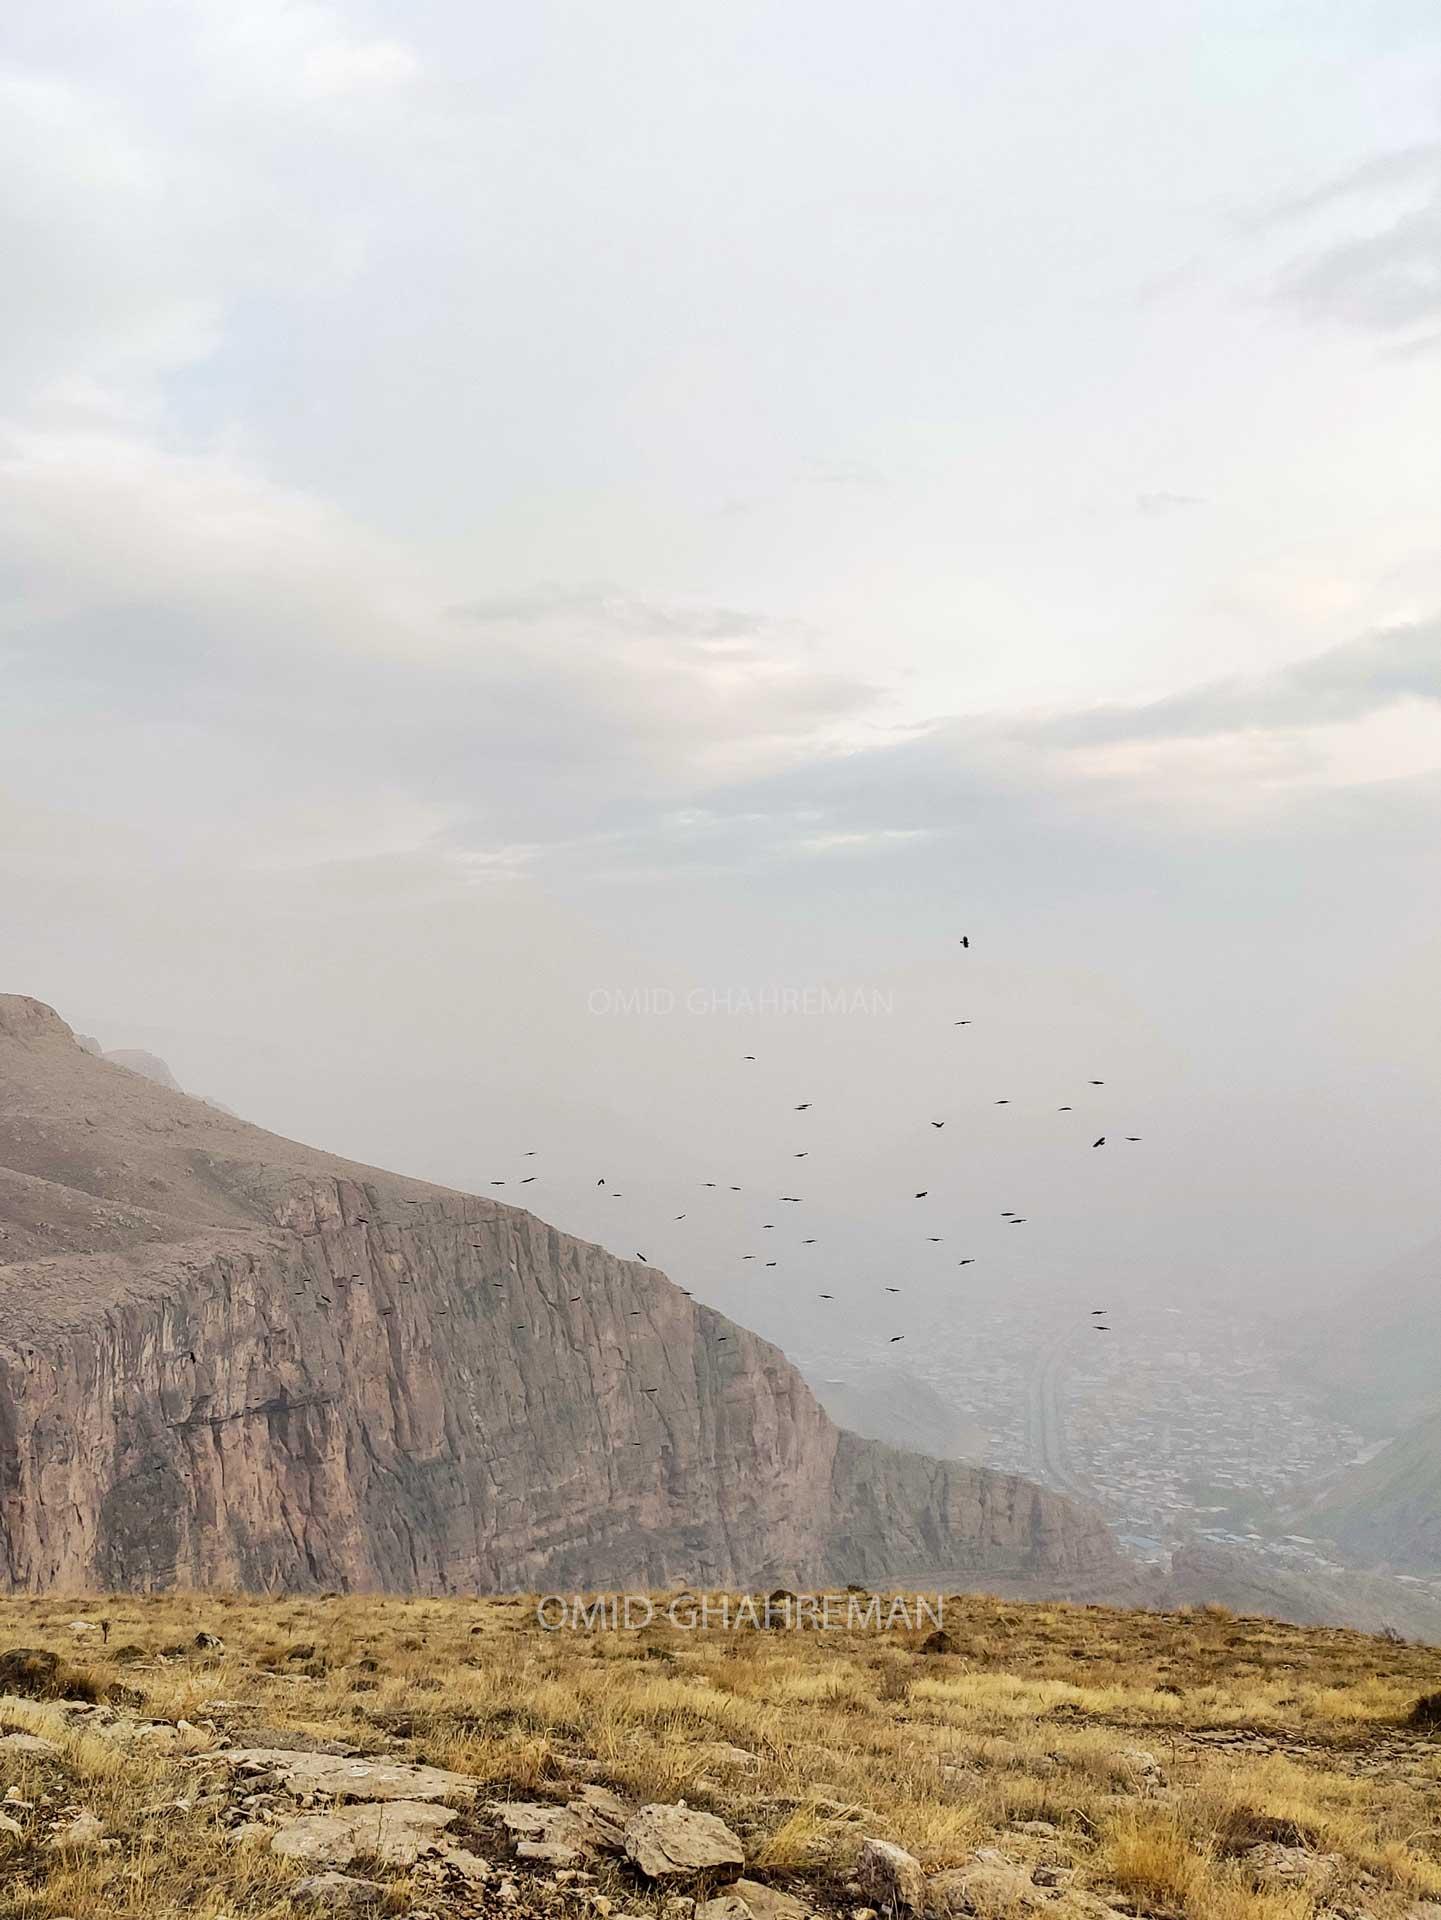 کلاغ های نوک قرمز بر فراز کلاهک سنگی قیه و فراتر از کوهها